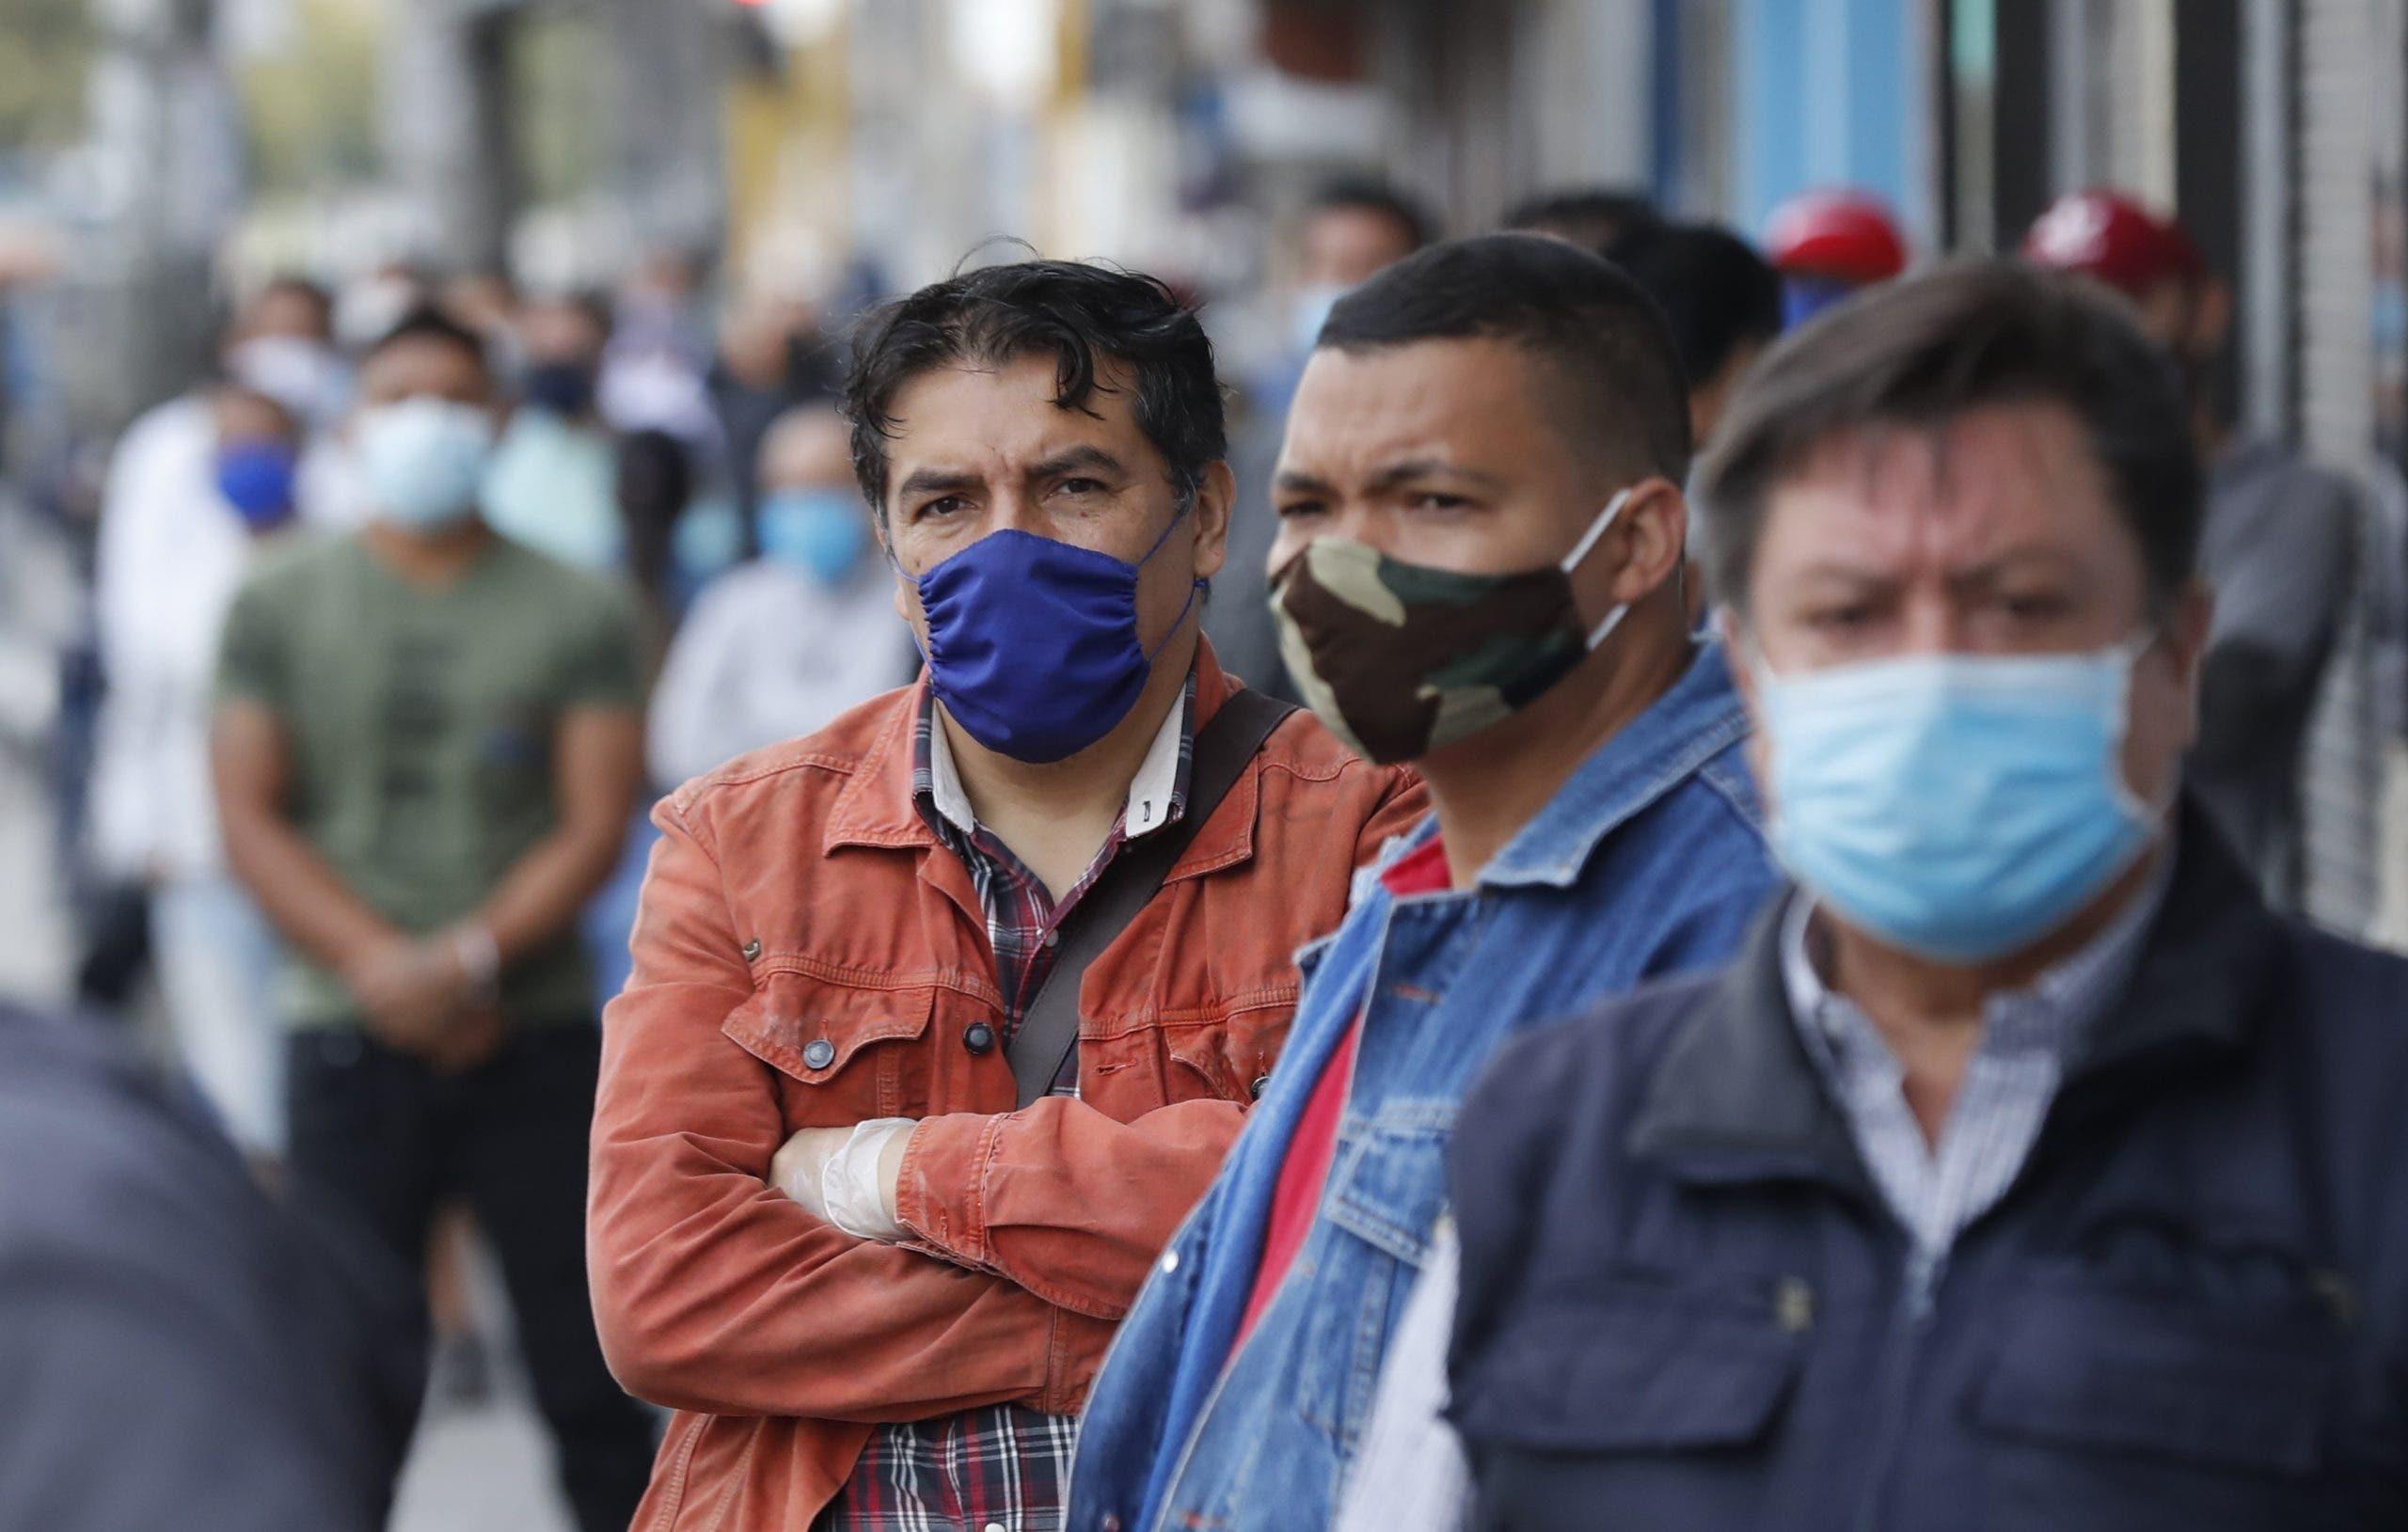 Latinoamérica se contraerá un 9,1 % en 2020 por la pandemia del coronavirus, según Cepal